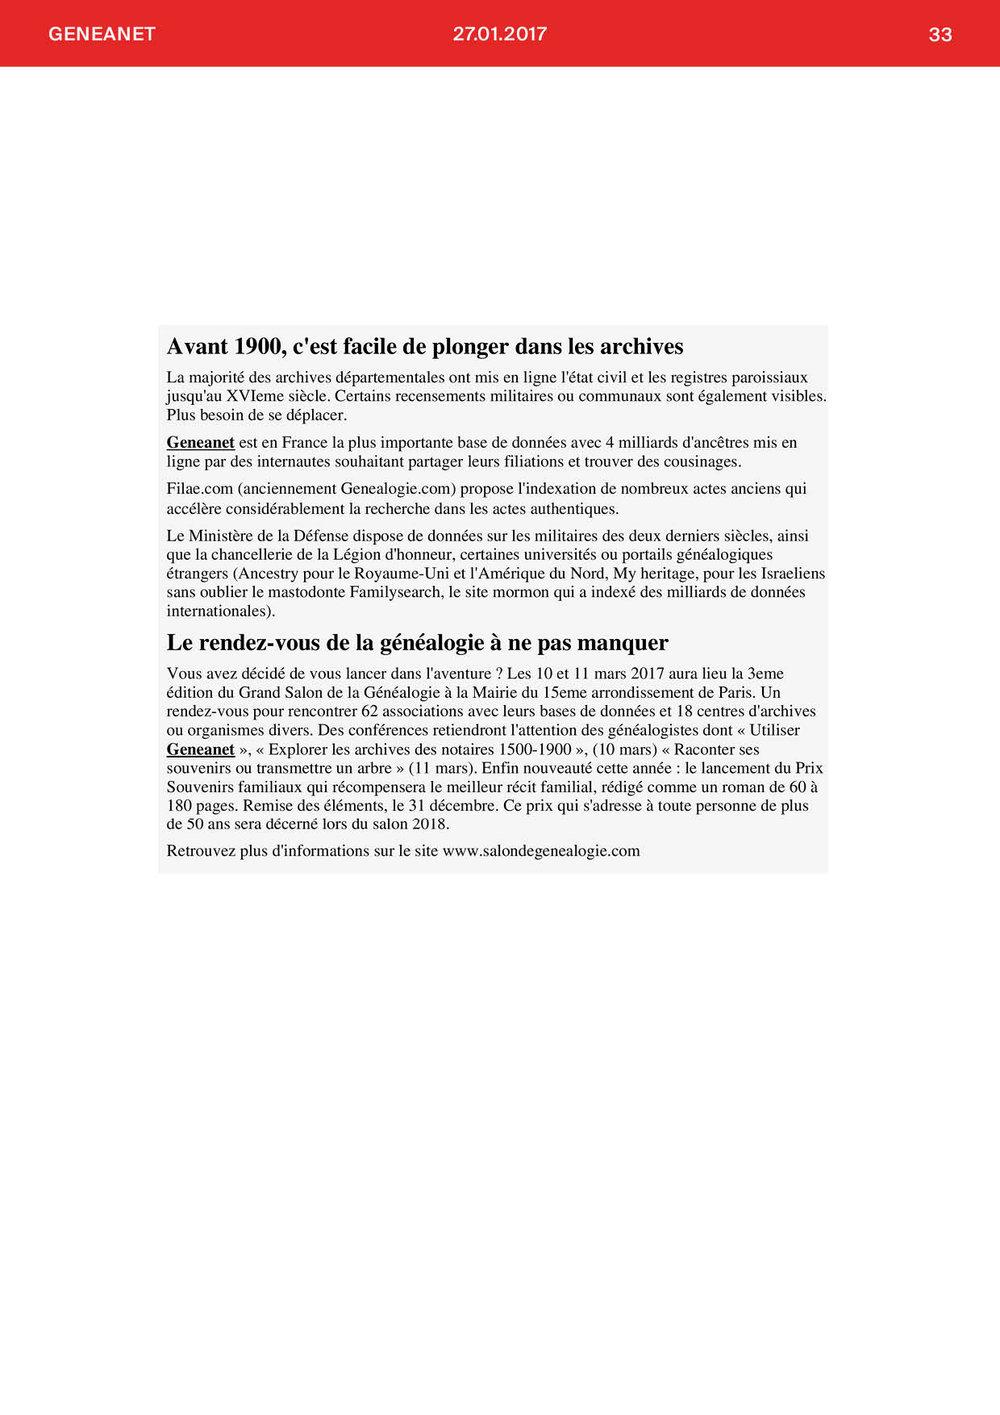 BOOKMEDIA_FEV_WEB33.jpg